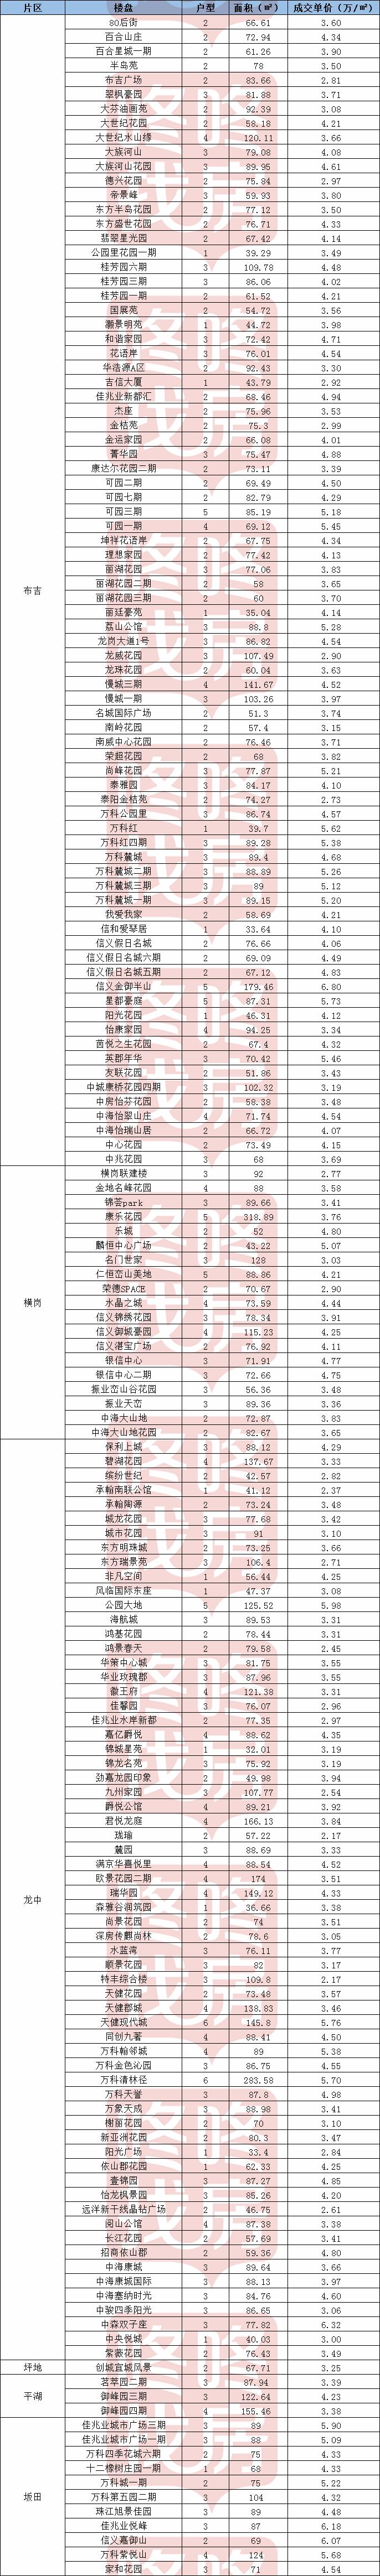 深圳最新二手房成交單價 成交縮量價會降?